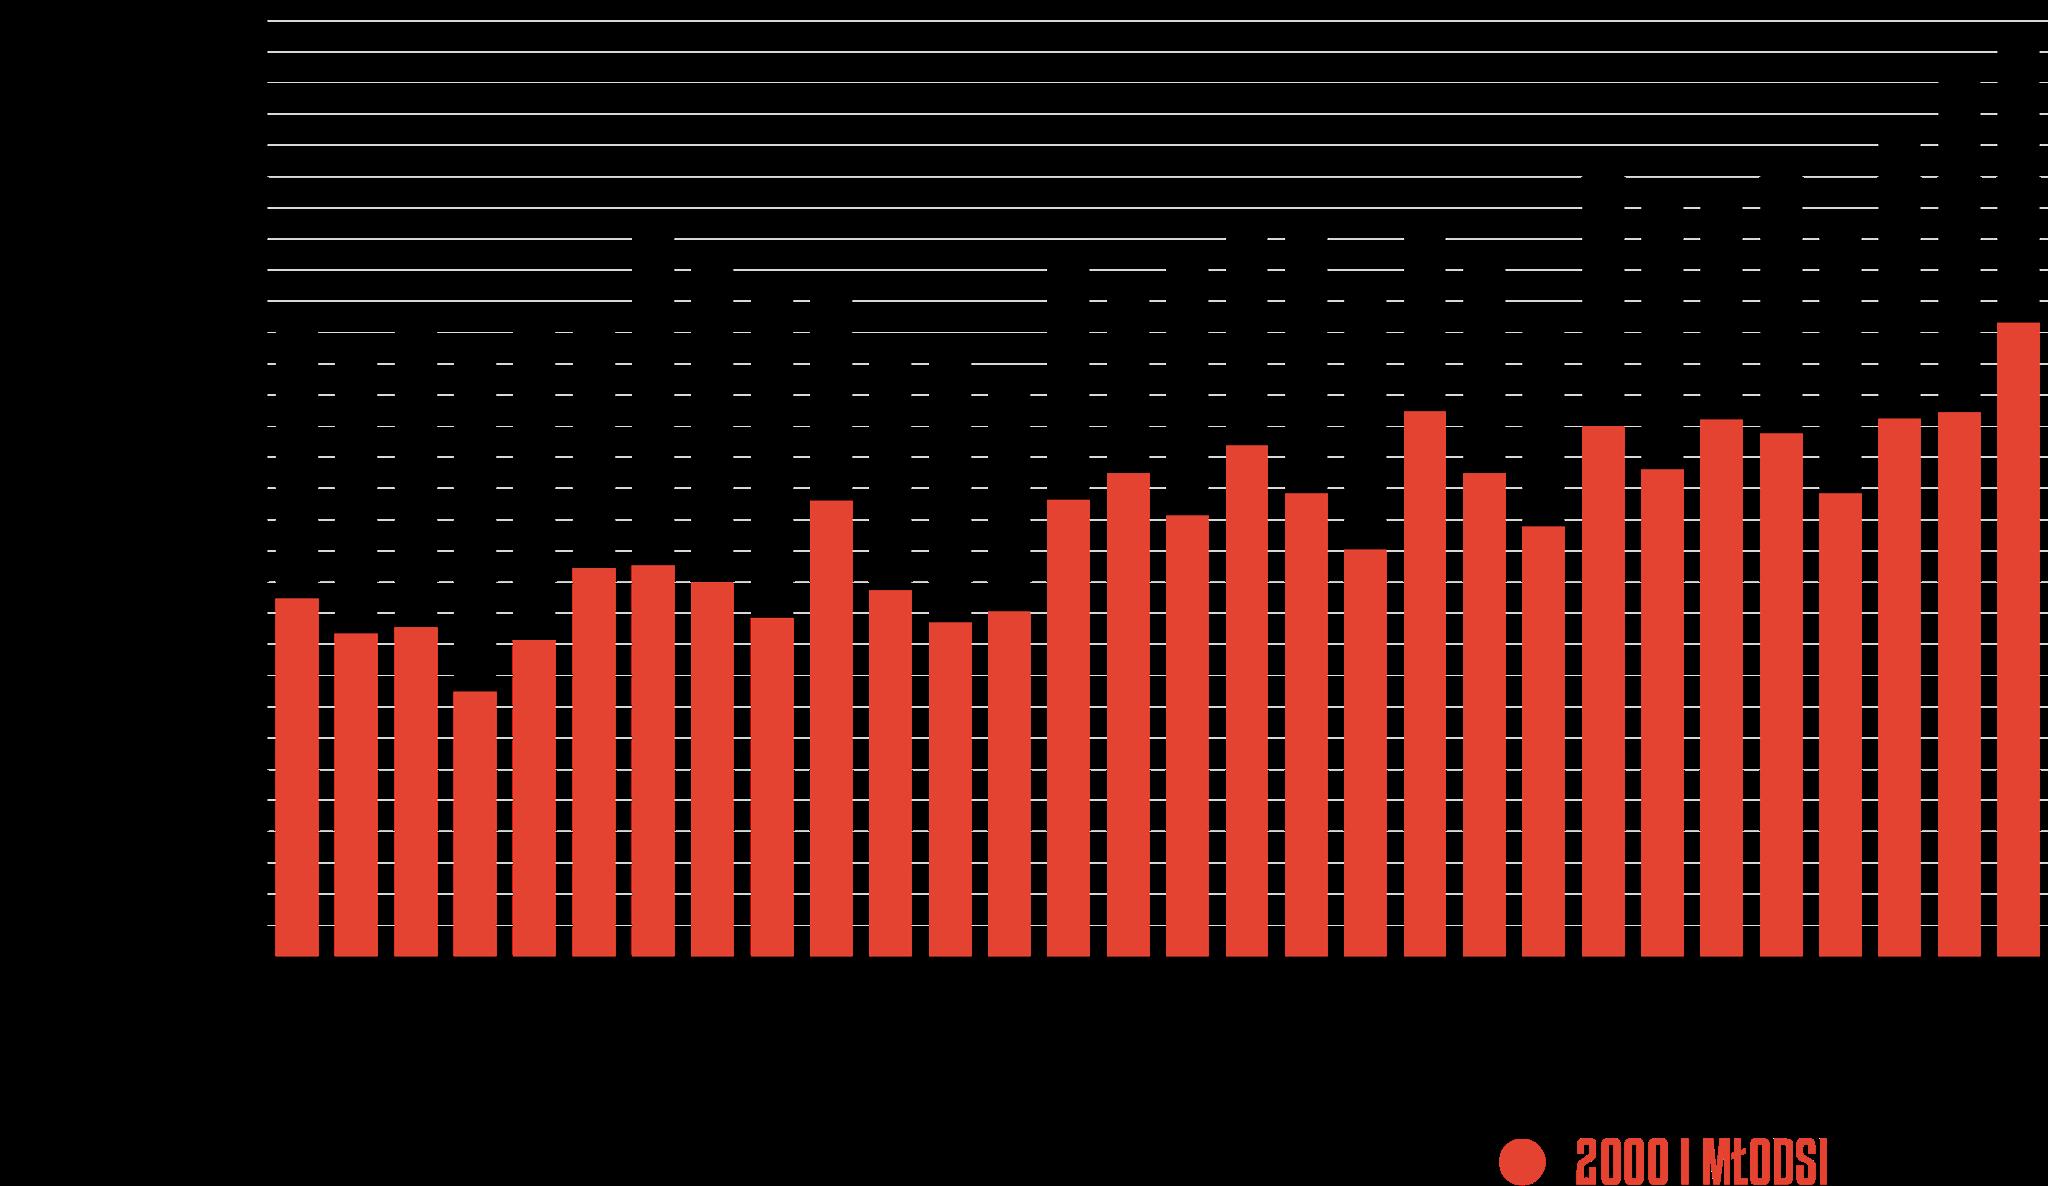 Rozegrany czas przez młodzieżowców w poszczególnych kolejkach PKO Ekstraklasy 2020/21<br><br>Źródło: Opracowanie własne na podstawie ekstrastats.pl<br><br>graf. Bartosz Urban